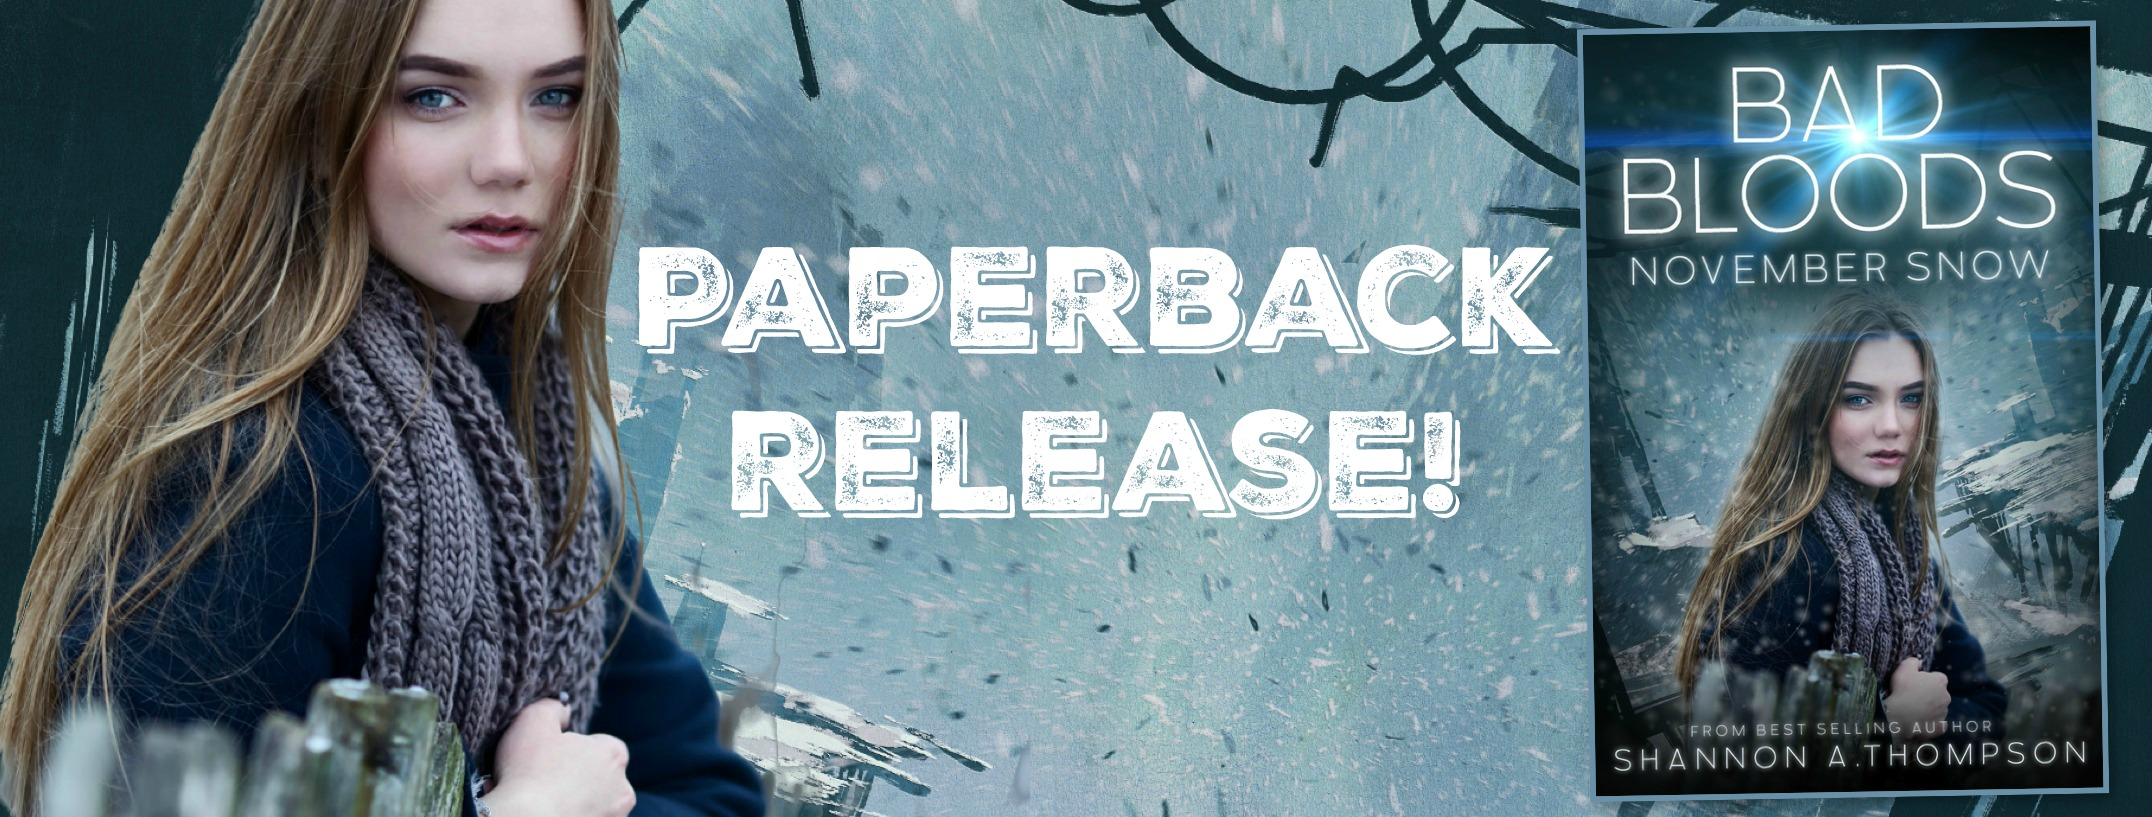 Bad Bloods: November Snow Paperback Release